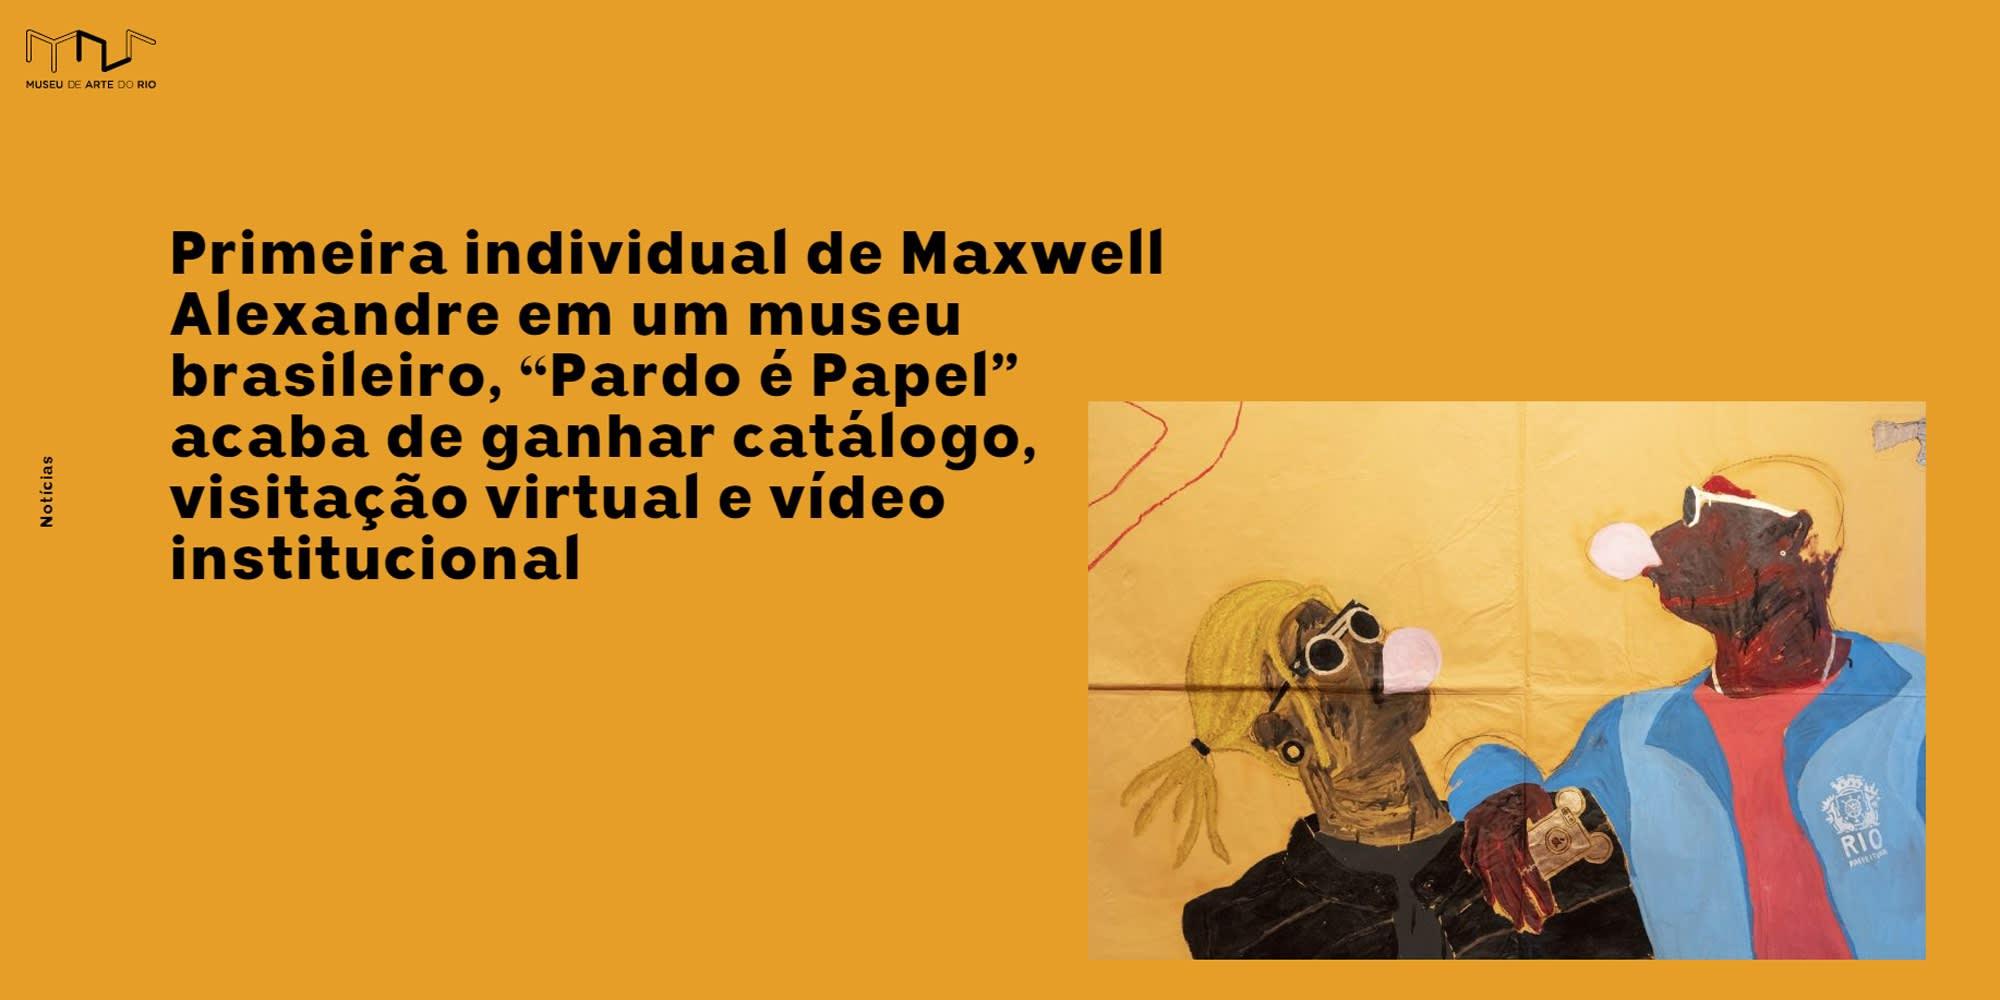 Maxwell Alexandre